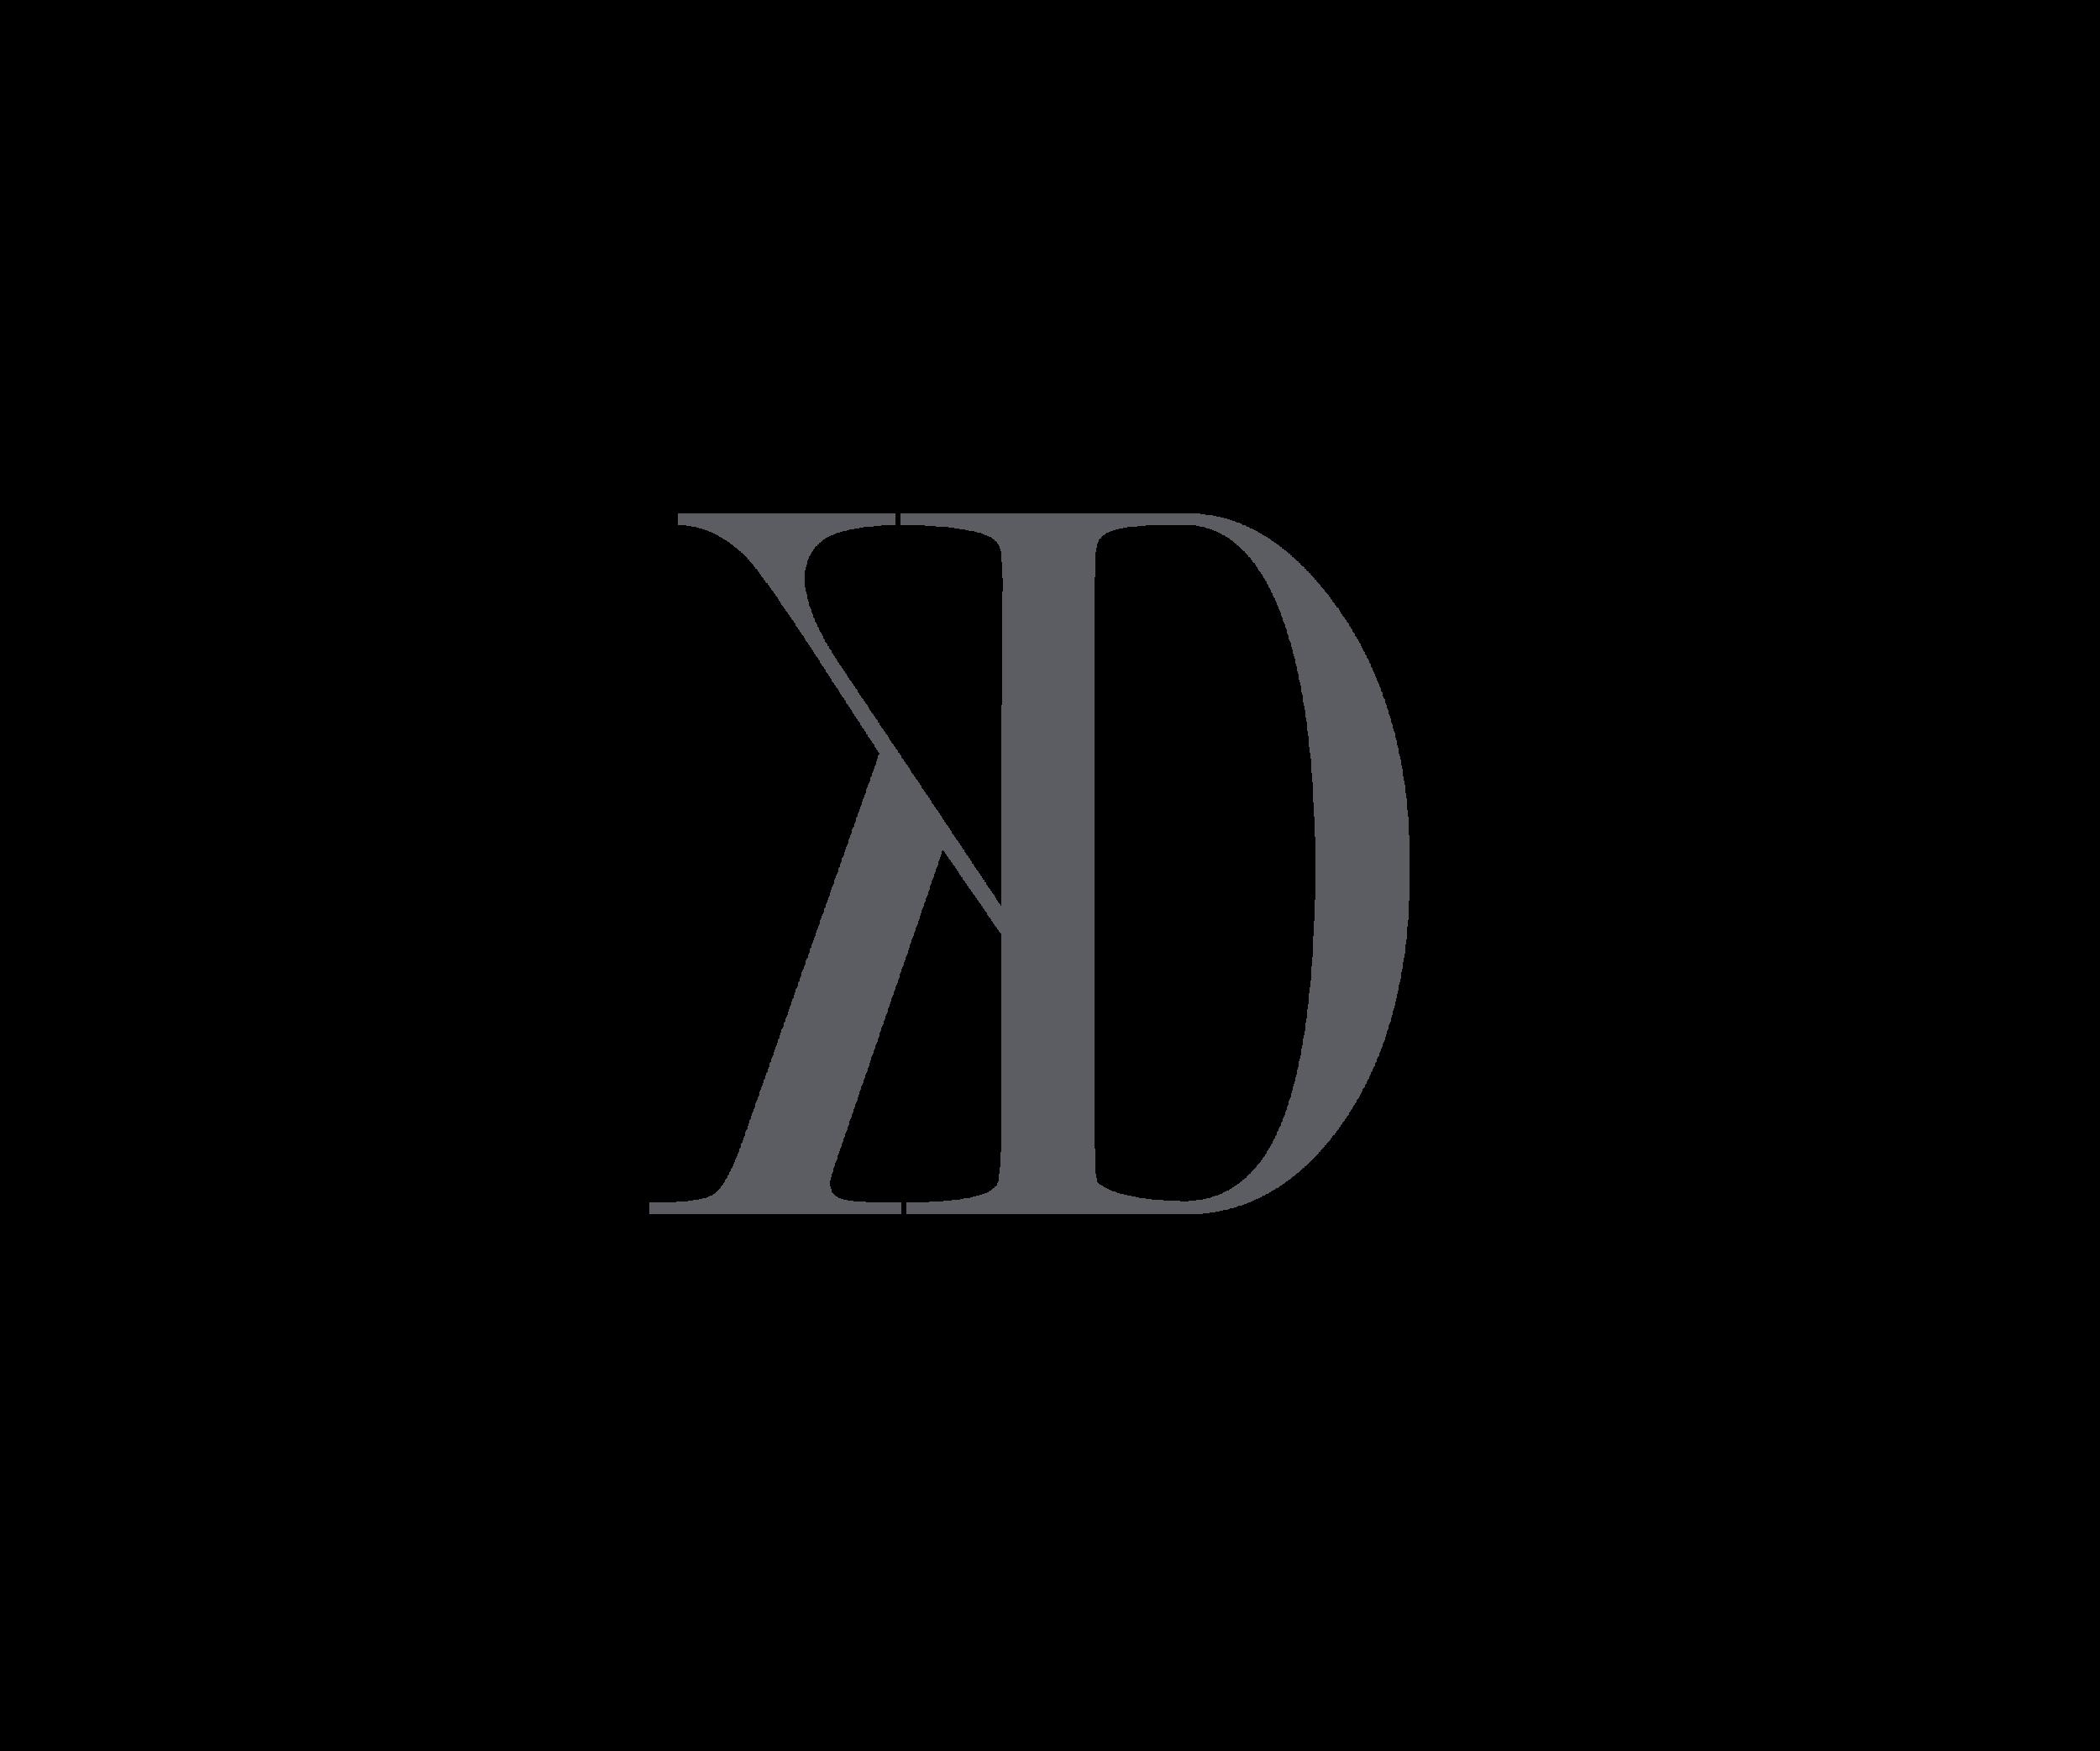 RGB_KD Logo Dark Grey copy.png